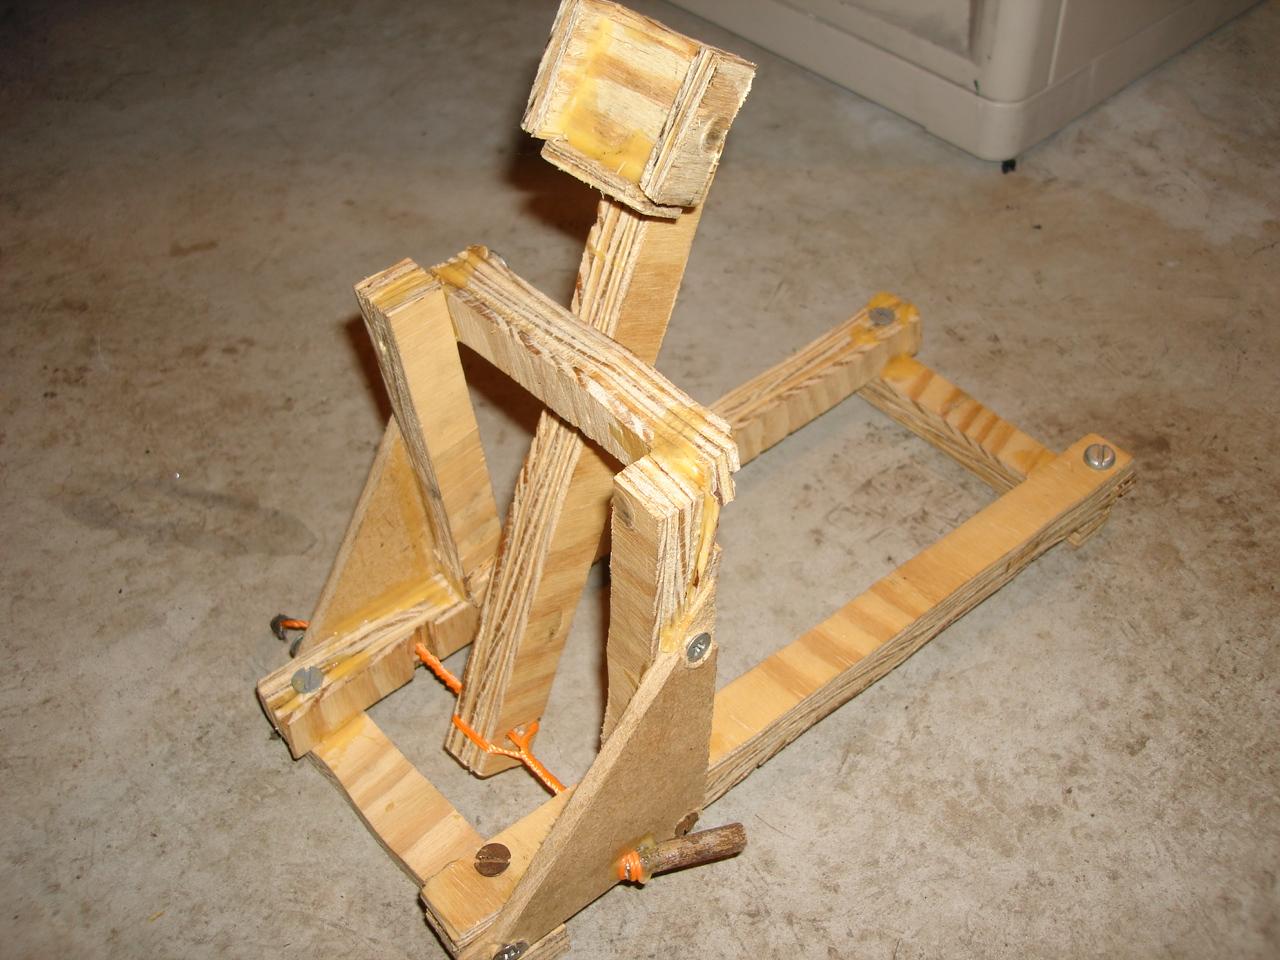 Homemade Catapult